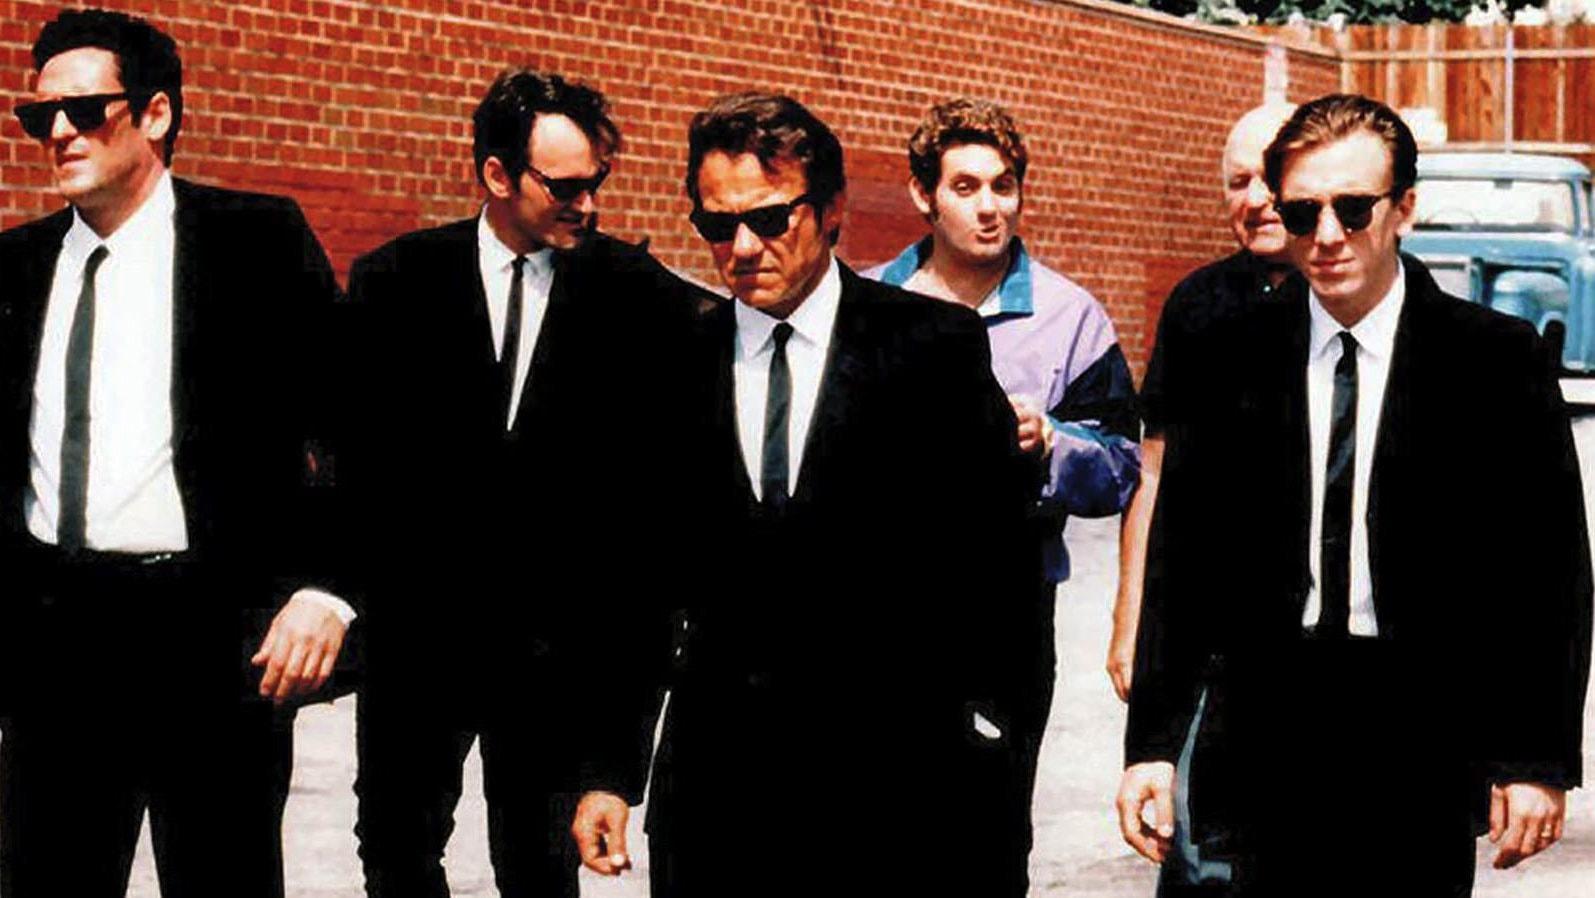 La bande des gangsters dans Reservoir Dogs